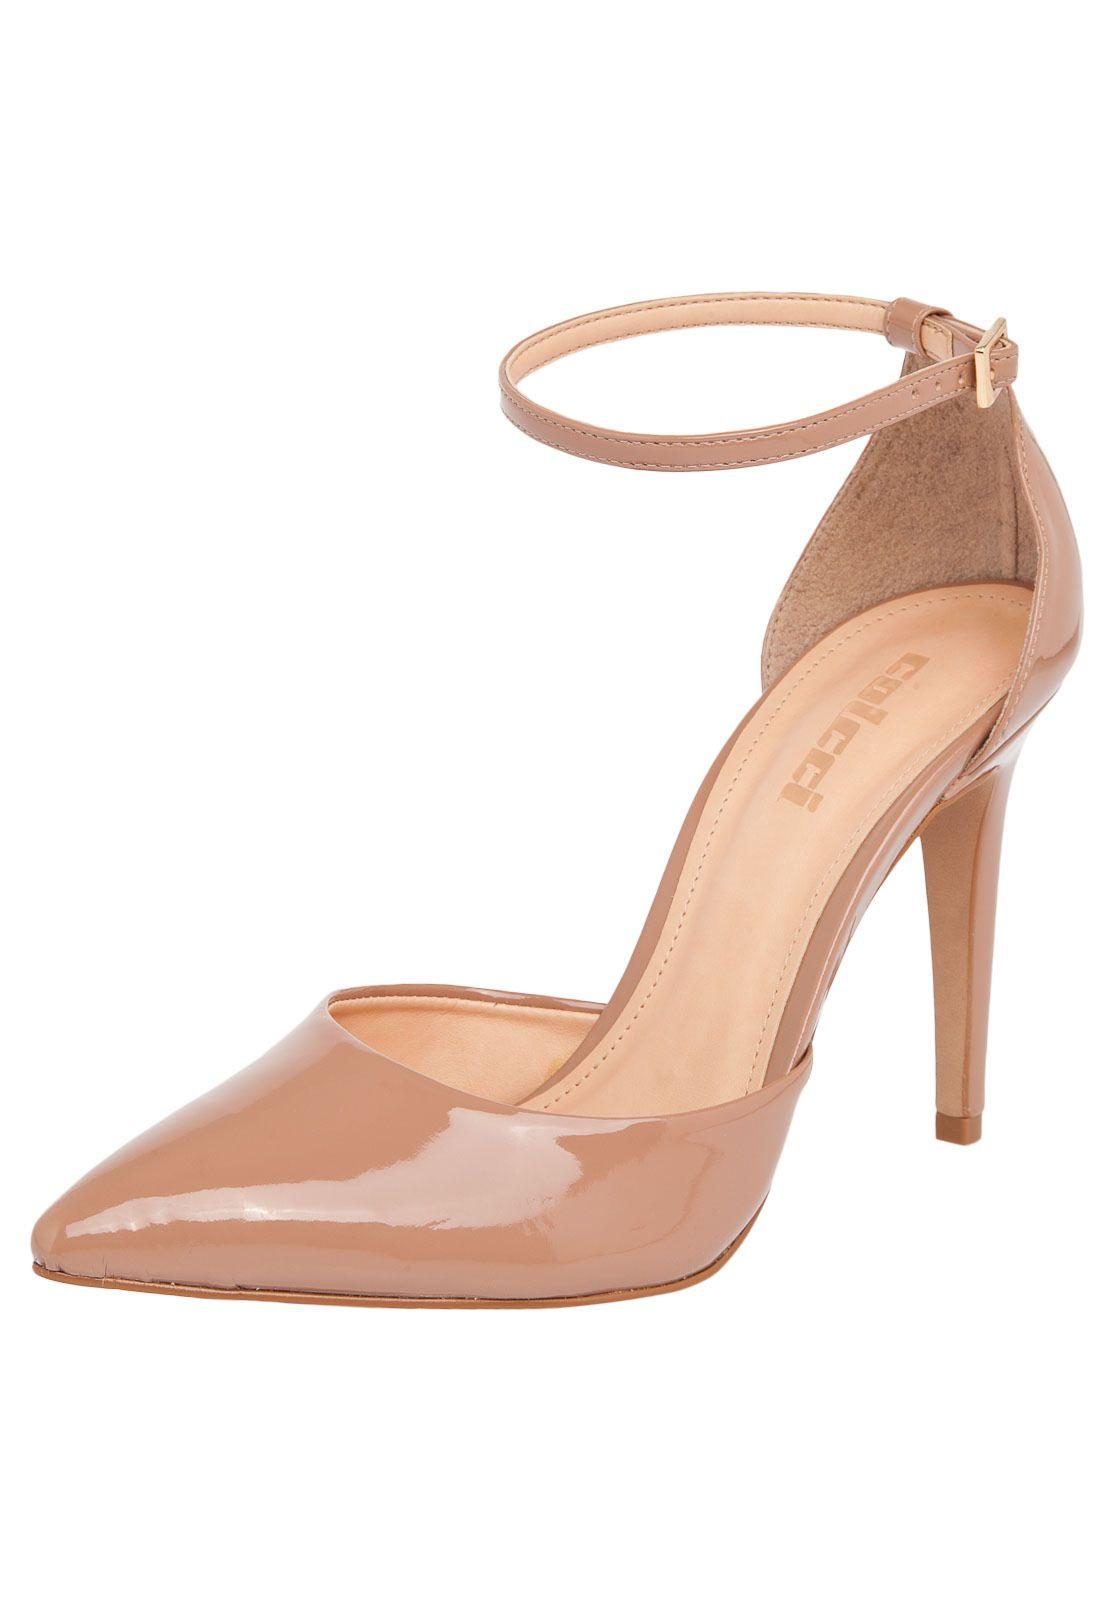 b92e7f6bc Aqui você encontra as melhores marcas de sapatos, roupas, bolsas,  acessórios, perfumes, produtos de beleza e decoração. Aproveite!